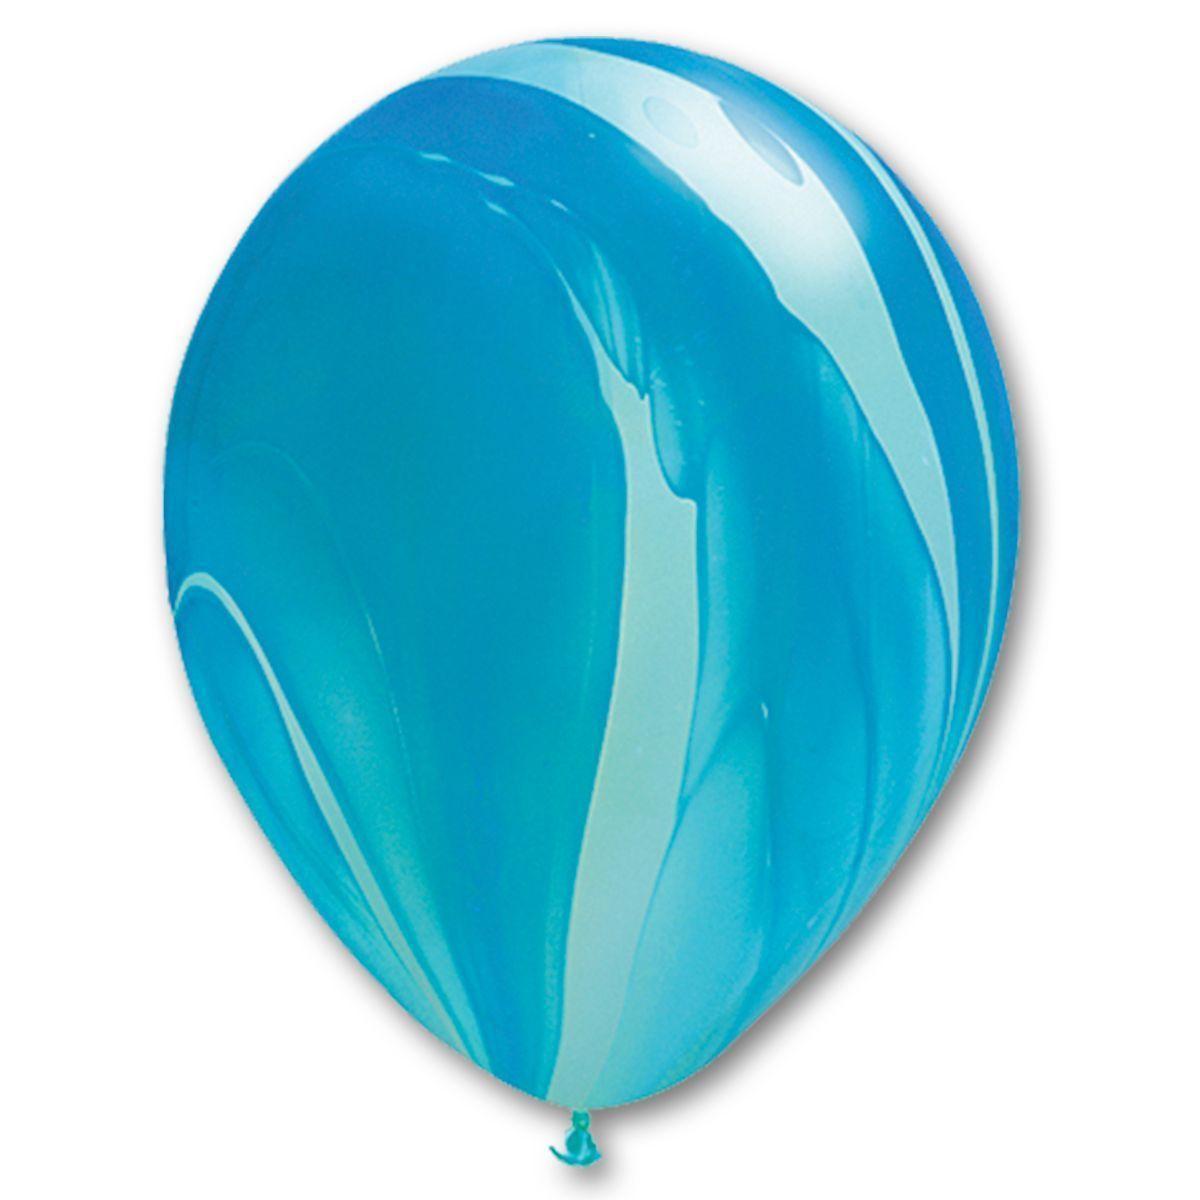 """Латексна кулька агат голуба blue superagate  11"""" Qualatex"""